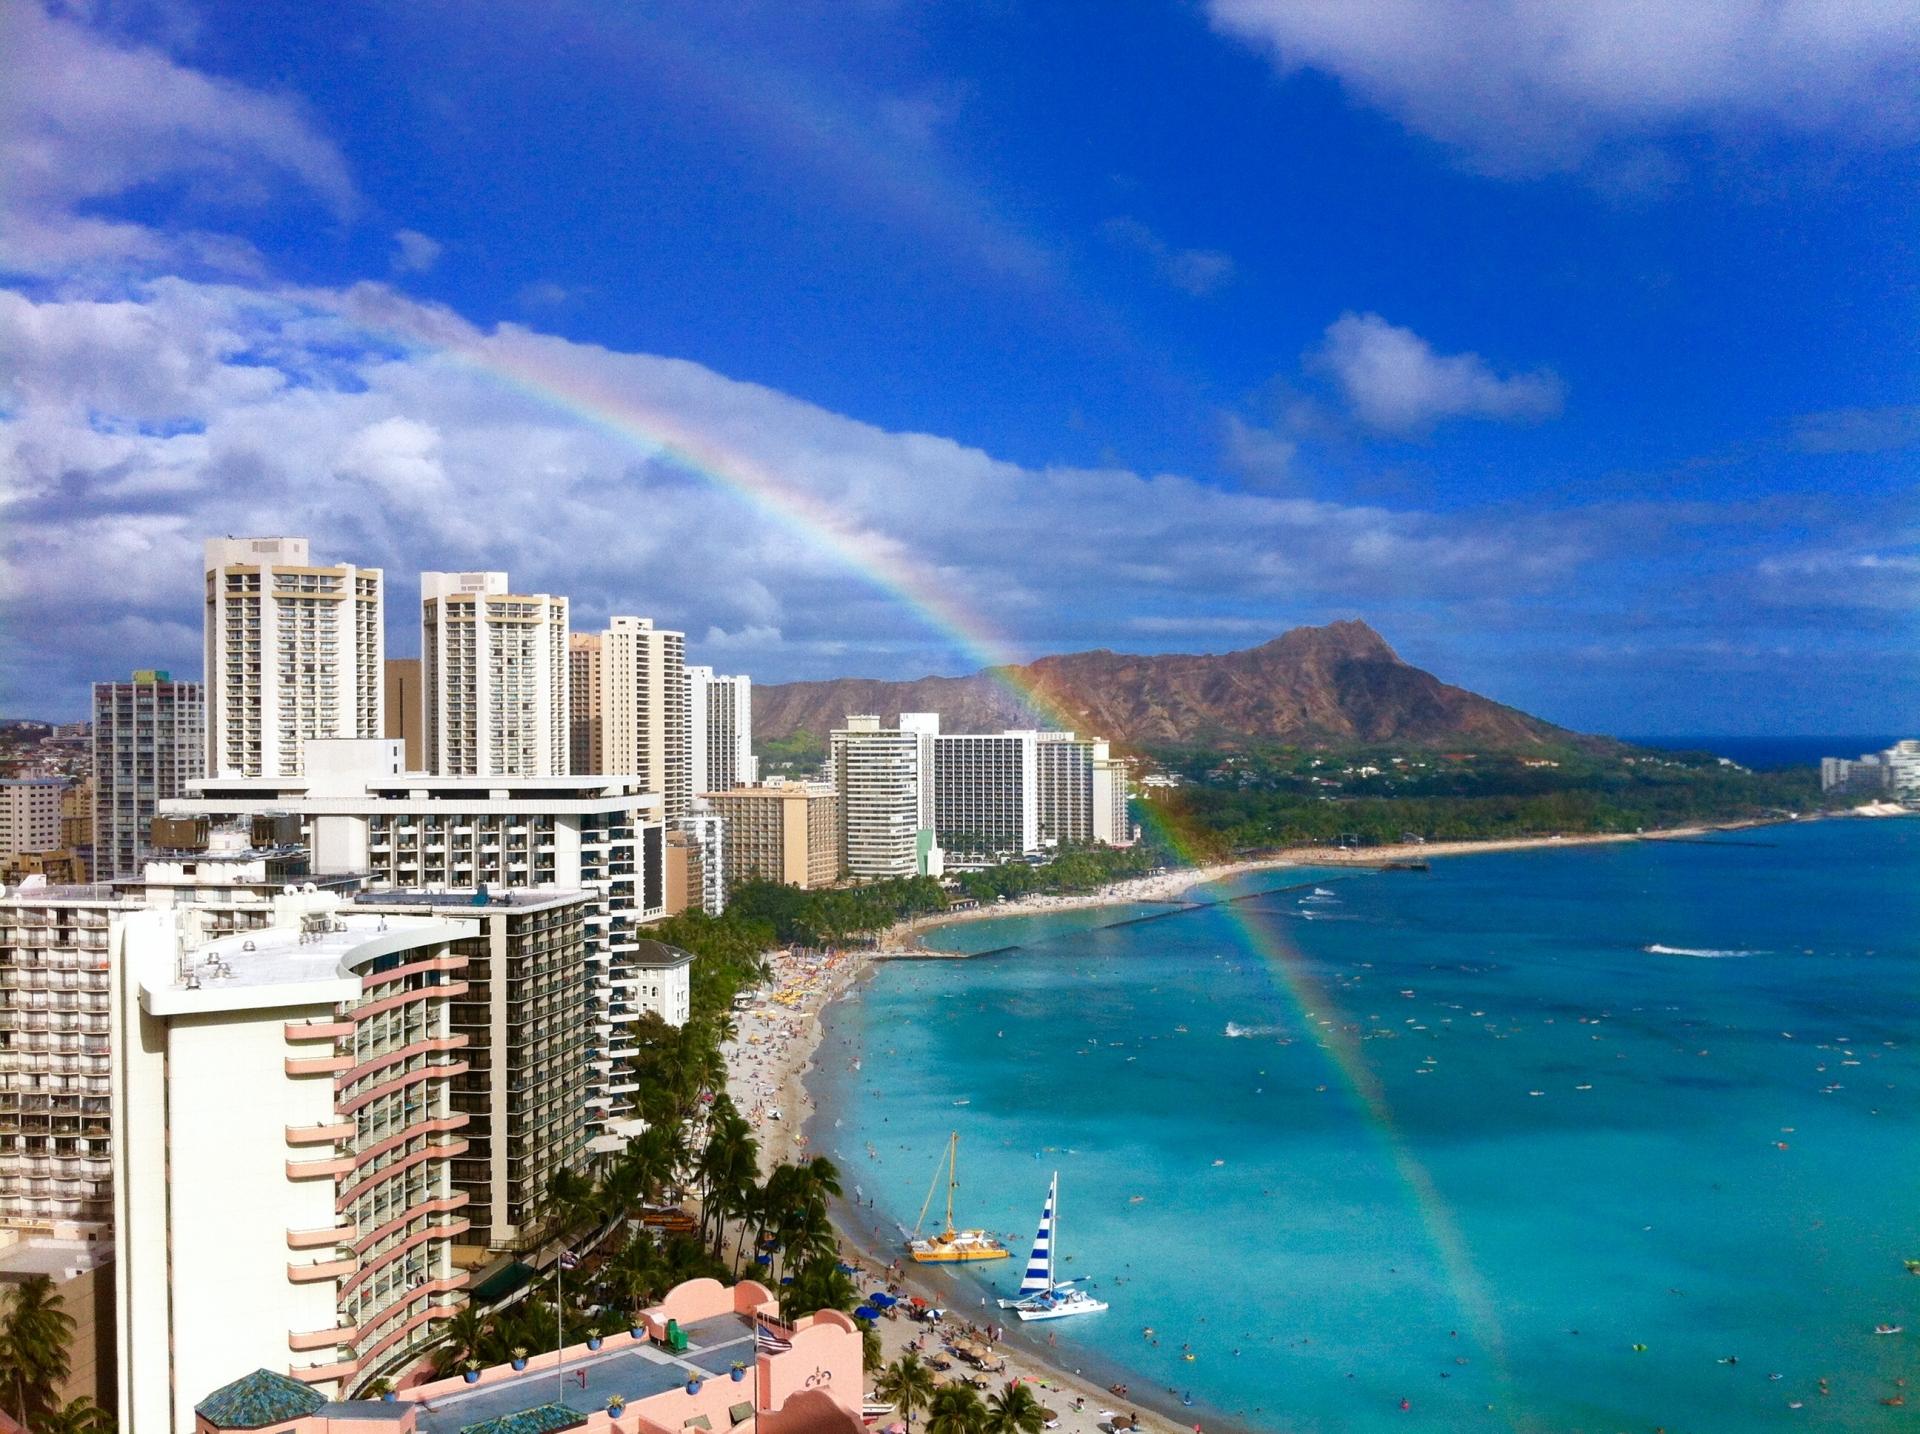 ハワイのSIMカードはどれがおすすめ?気になる買い方や料金まとめ!